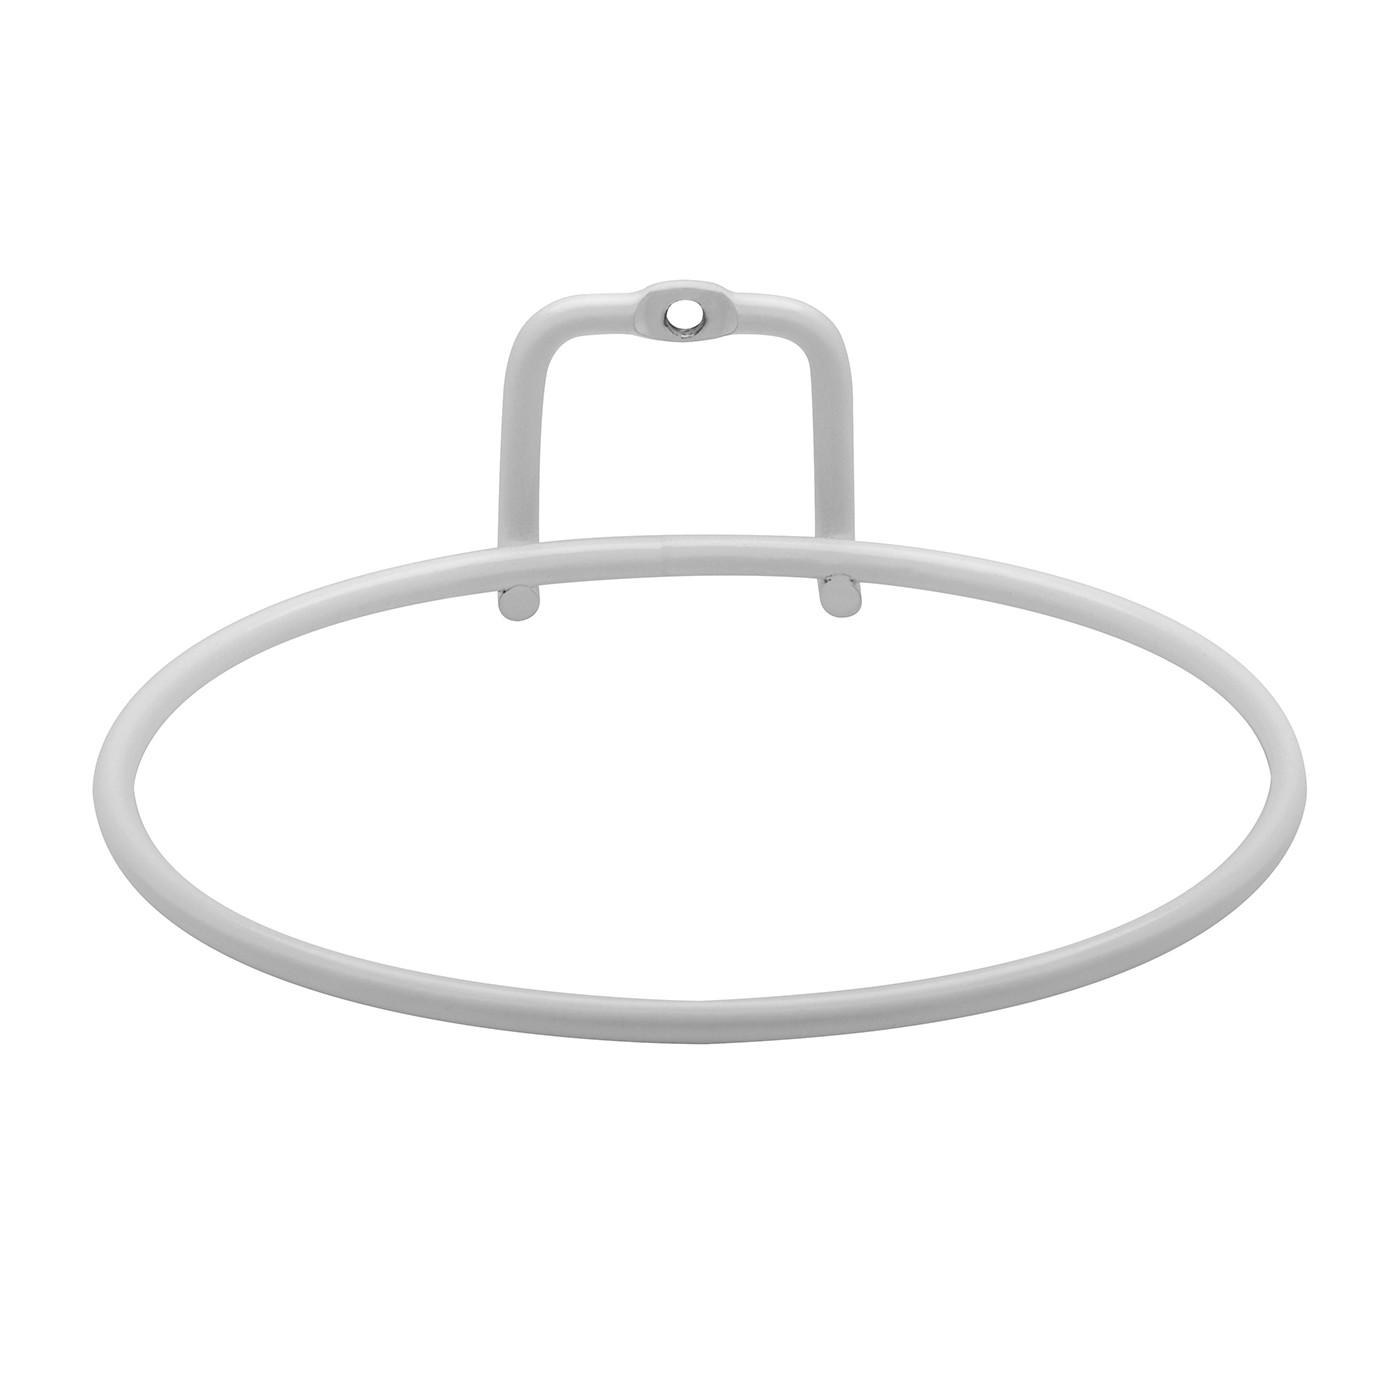 Suporte para Vaso Aramado 14x15 cm Branco Fosco - Ou